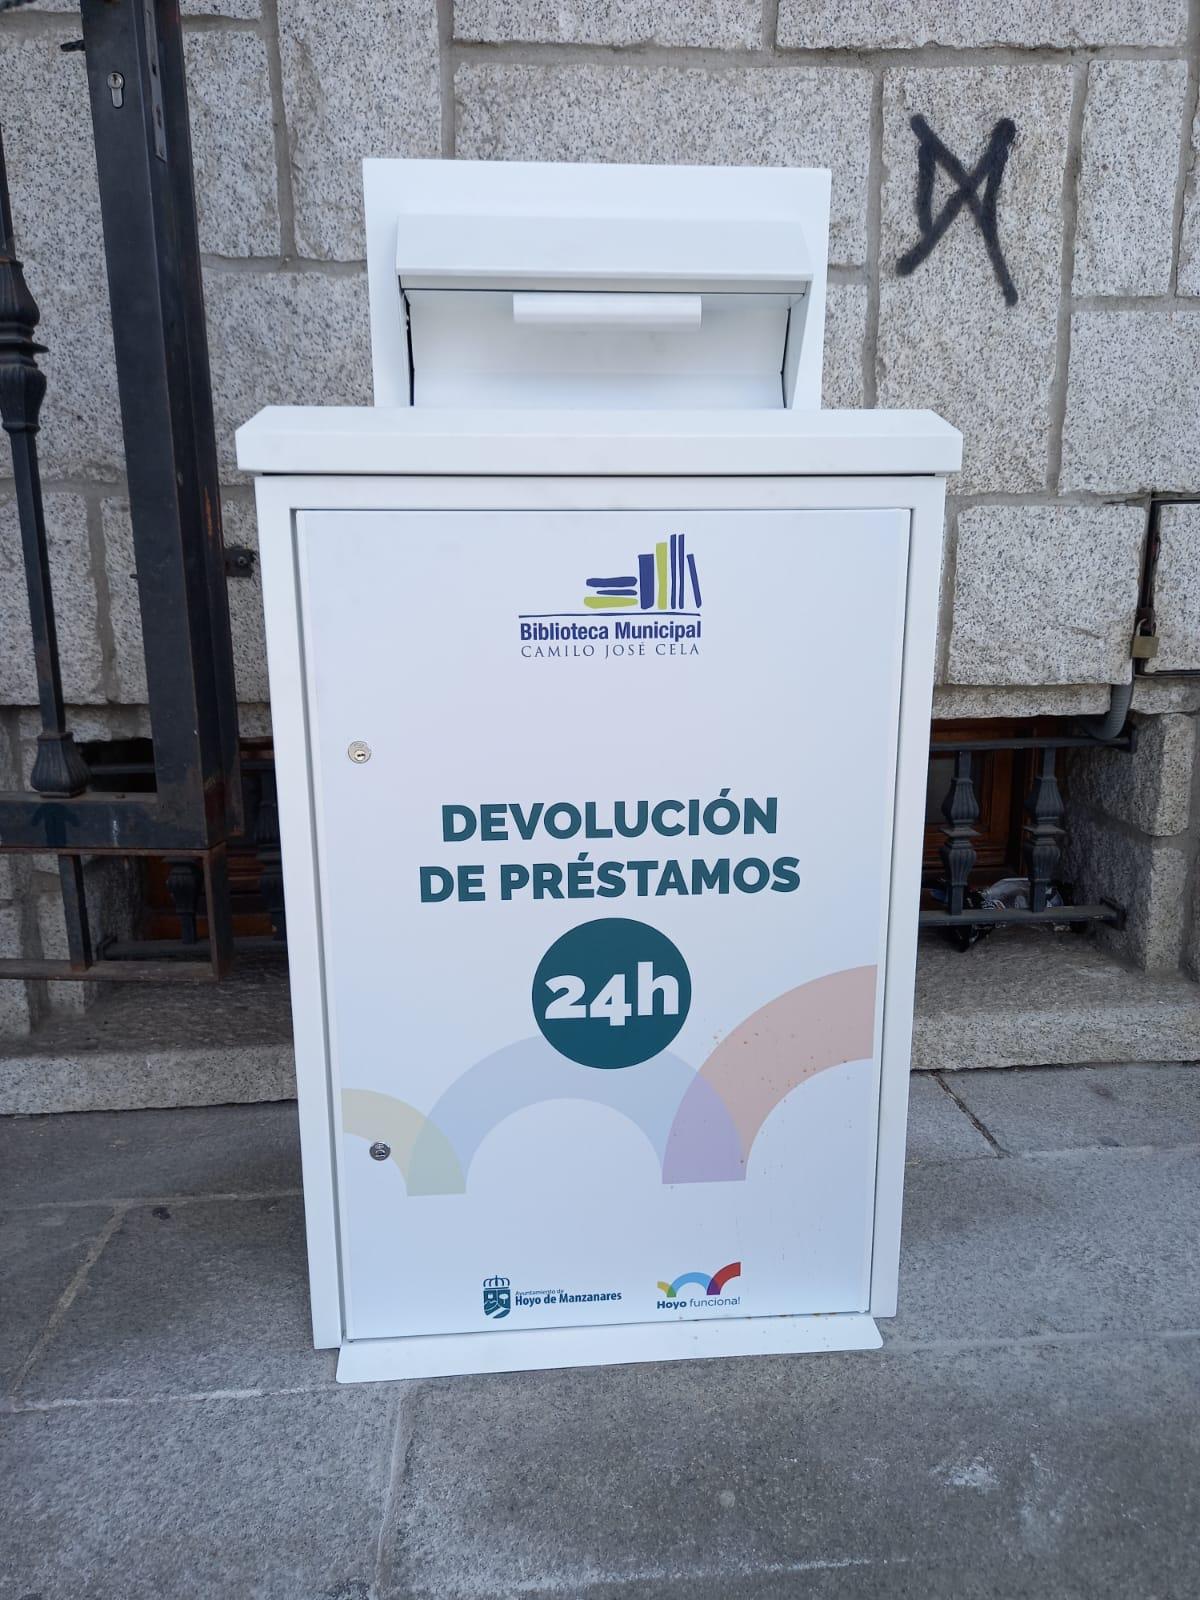 La Biblioteca De Hoyo De Manzanares Instala Un Buzón Para Permitir La Devolución De Libros 24 Horas